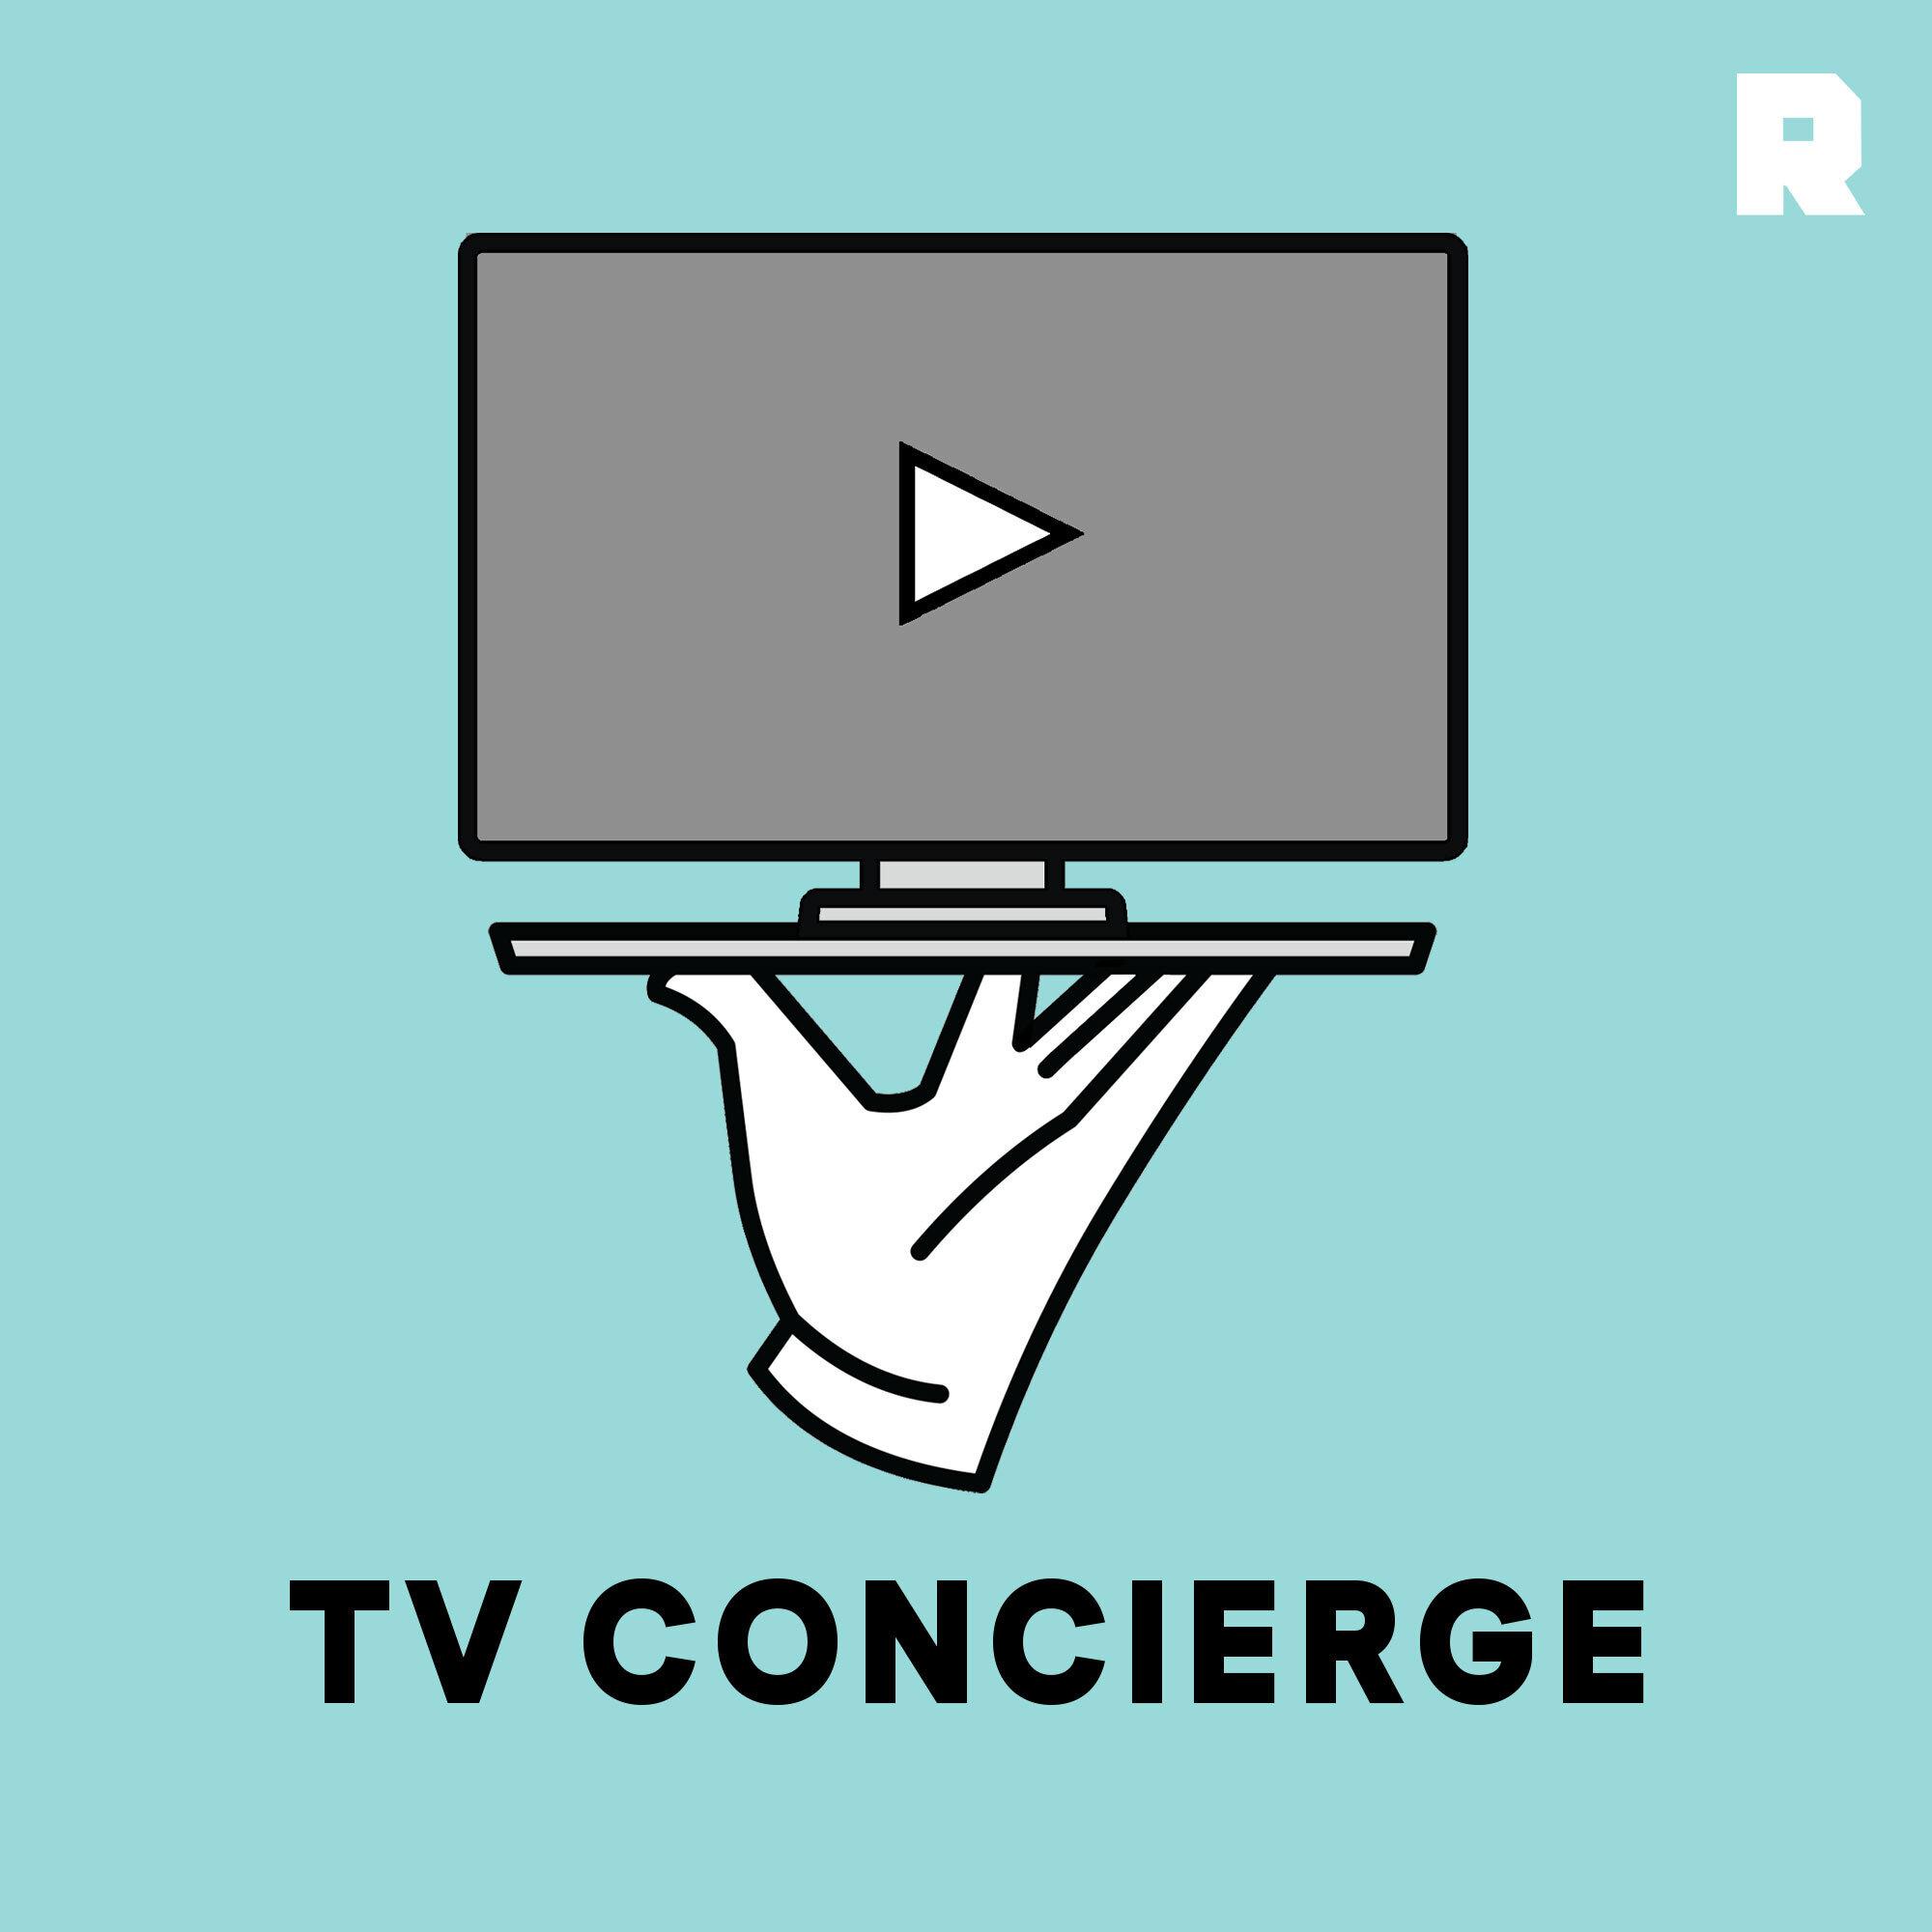 logo služby concierge